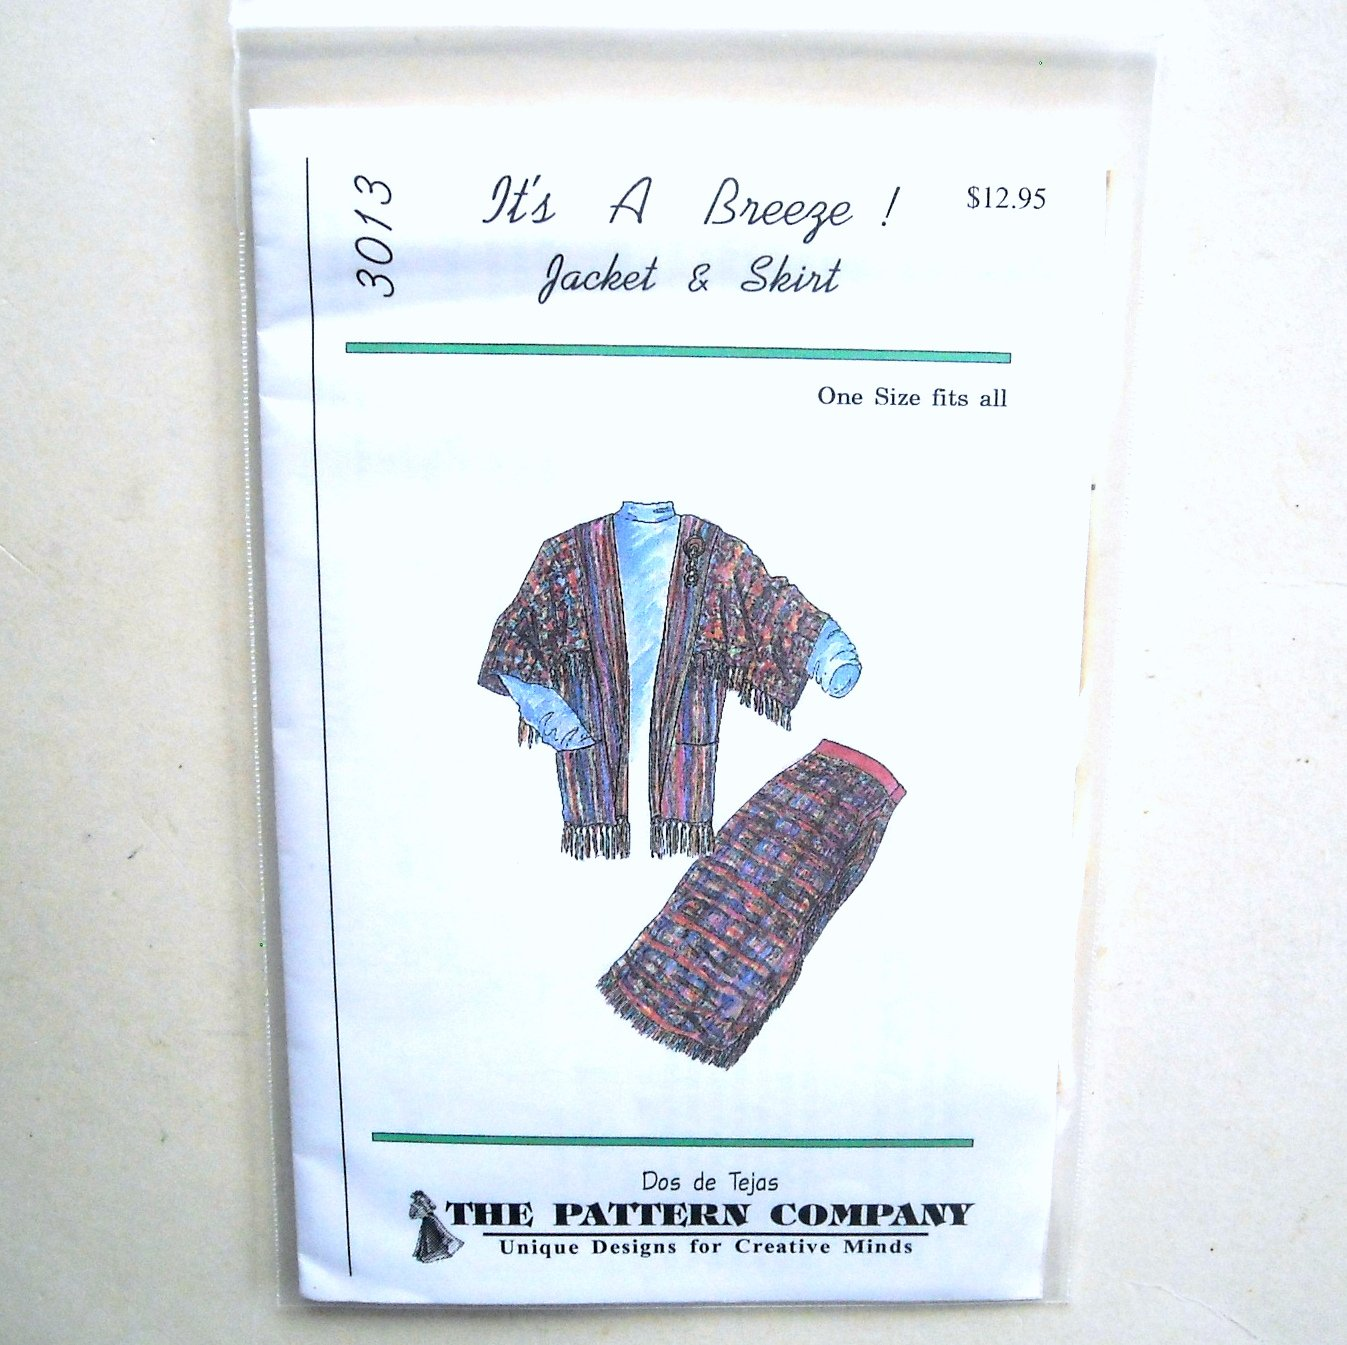 Misses Jacket Skirt Dos De Tejas Sewing Pattern 3013